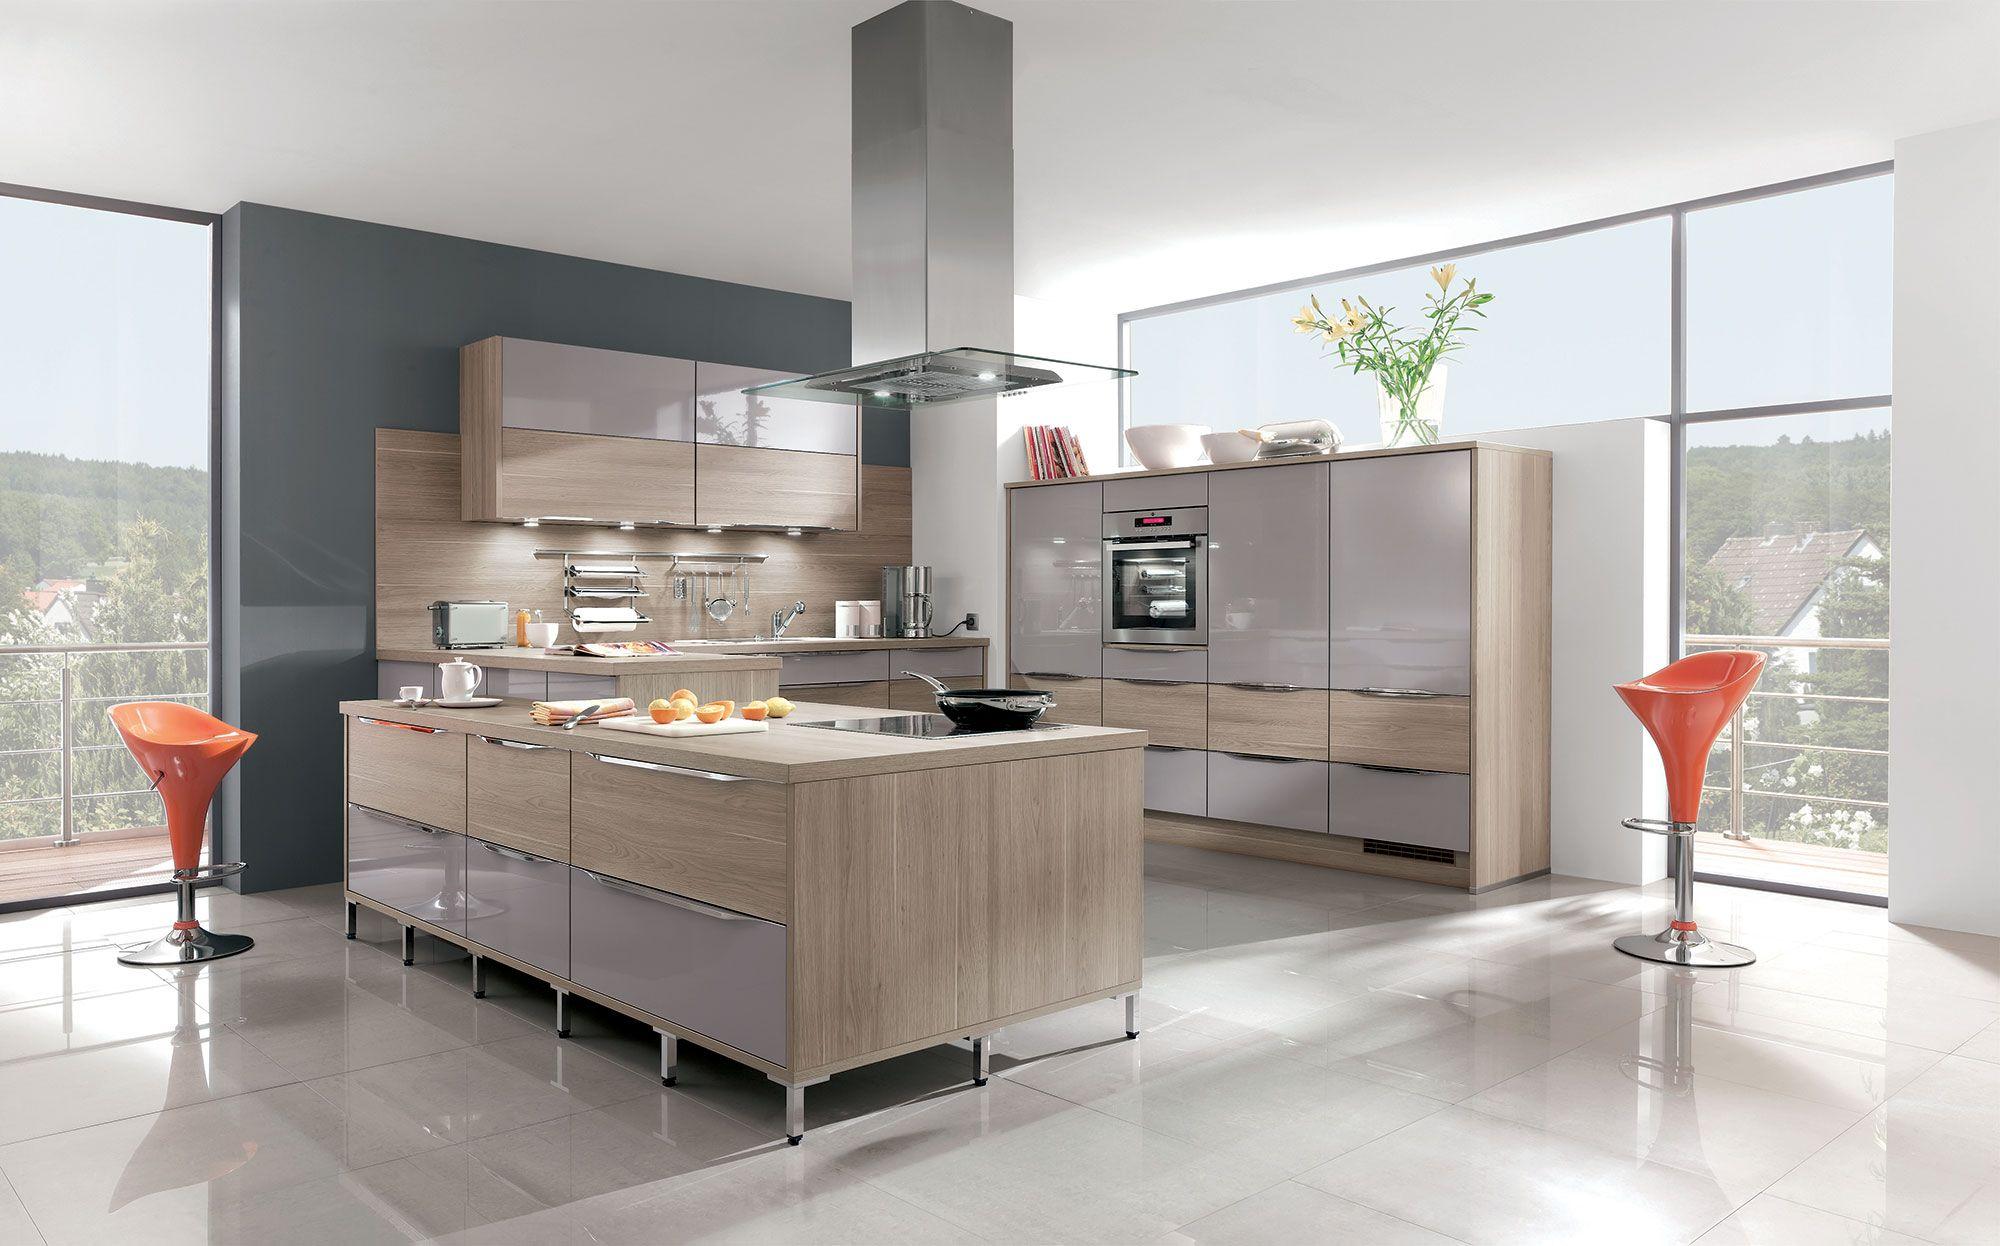 splendide cuisine en u toute quip e aspect bois et couleur lilas spacieuse et fonctionnelle. Black Bedroom Furniture Sets. Home Design Ideas